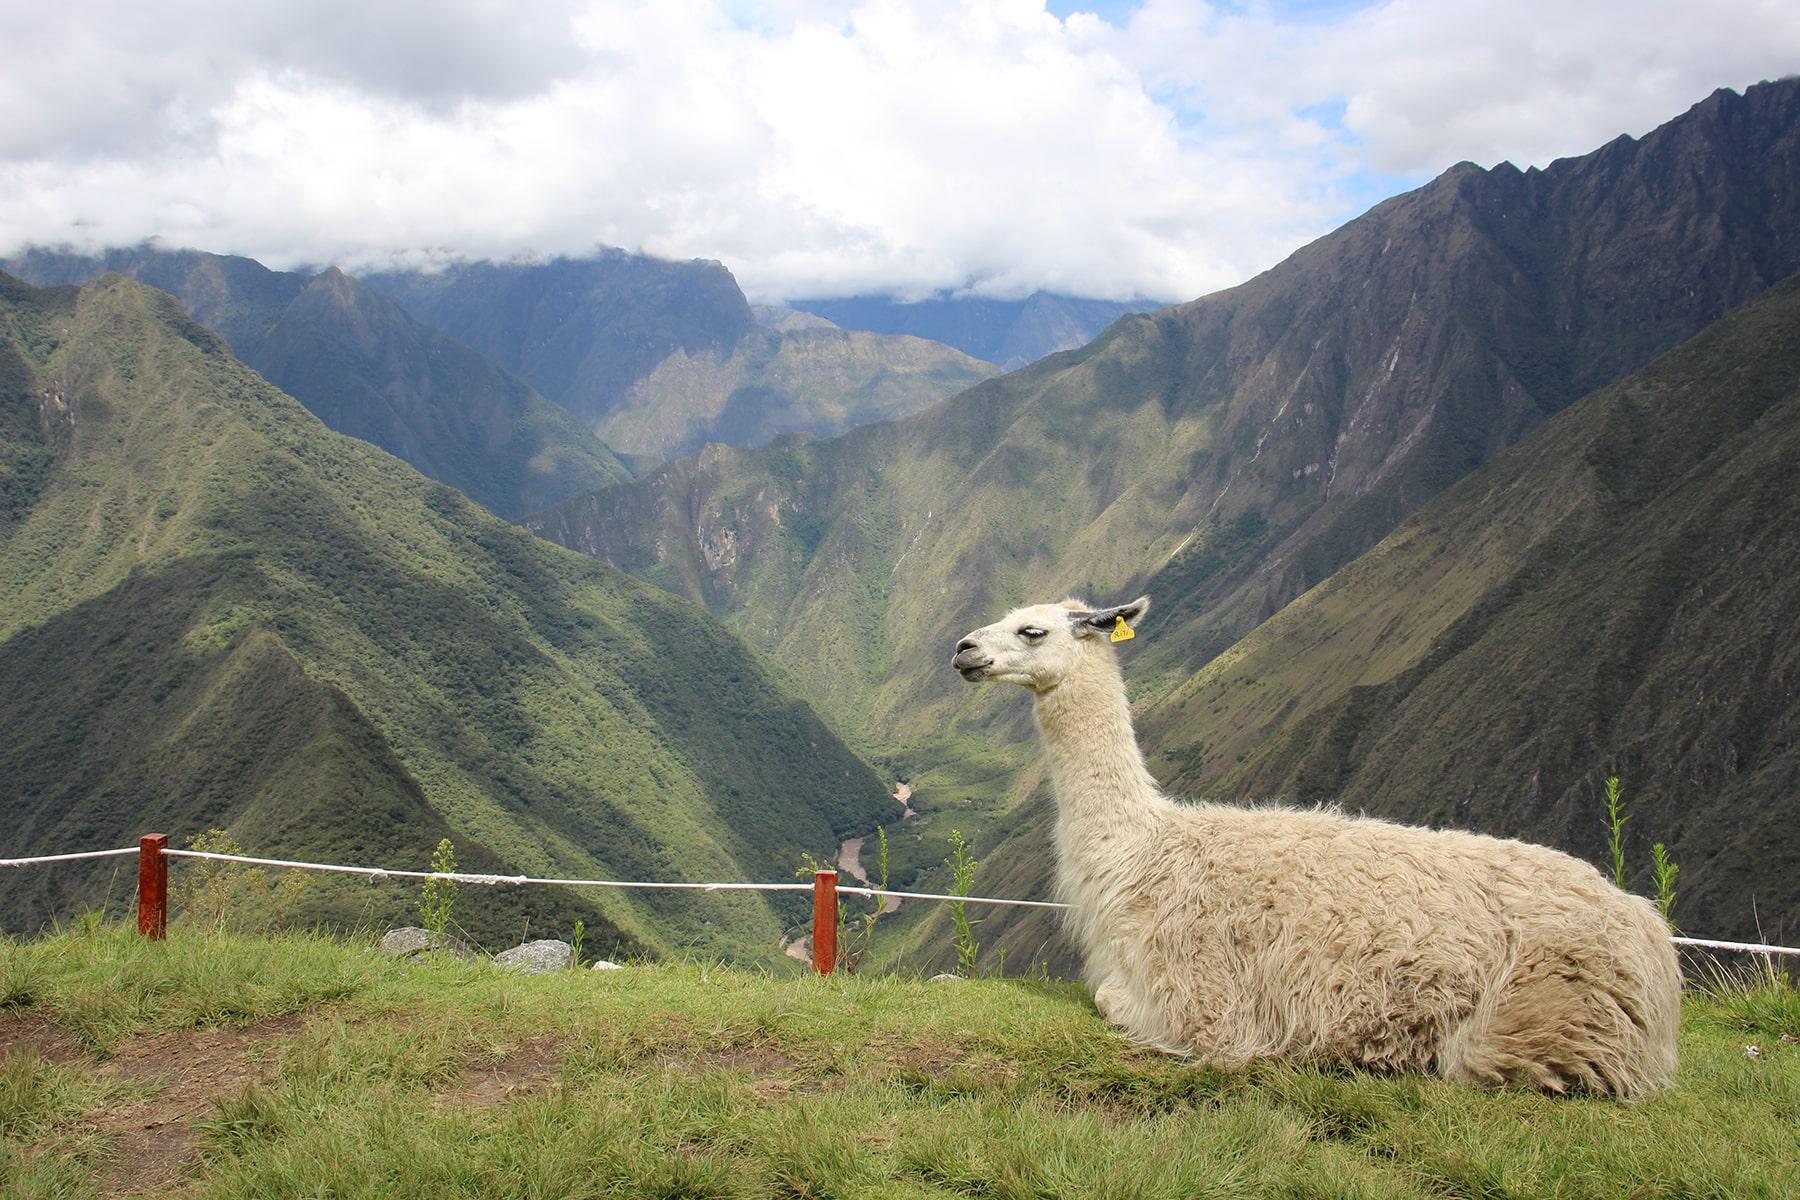 Un lama et la vue depuis le site d'Intipata, Inca Trail